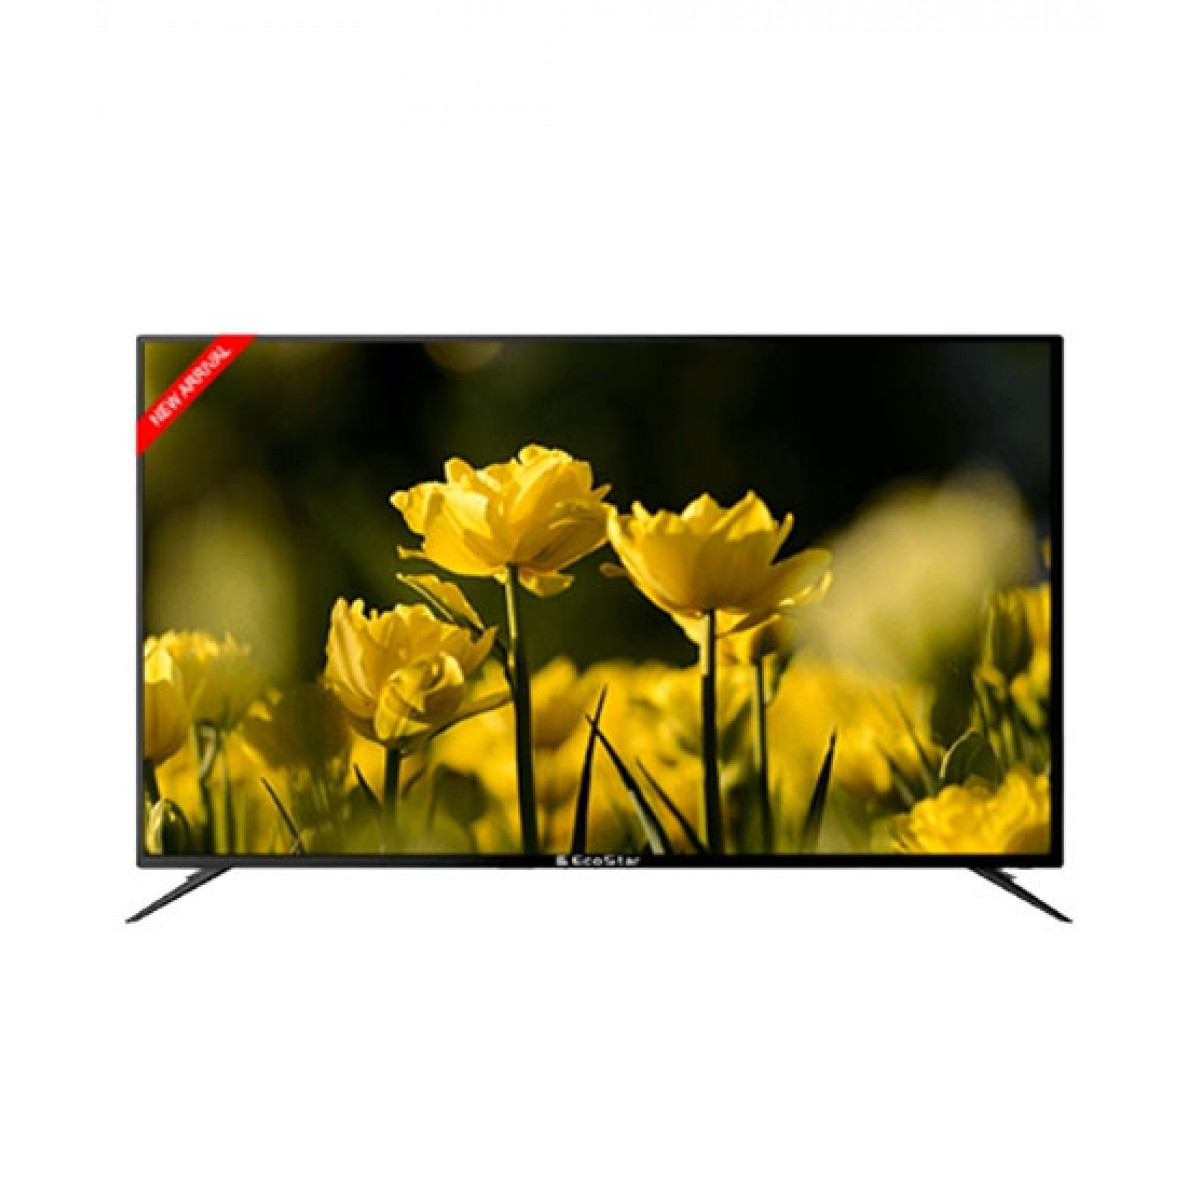 EcoStar 49 Inch 49UD921 LED TV